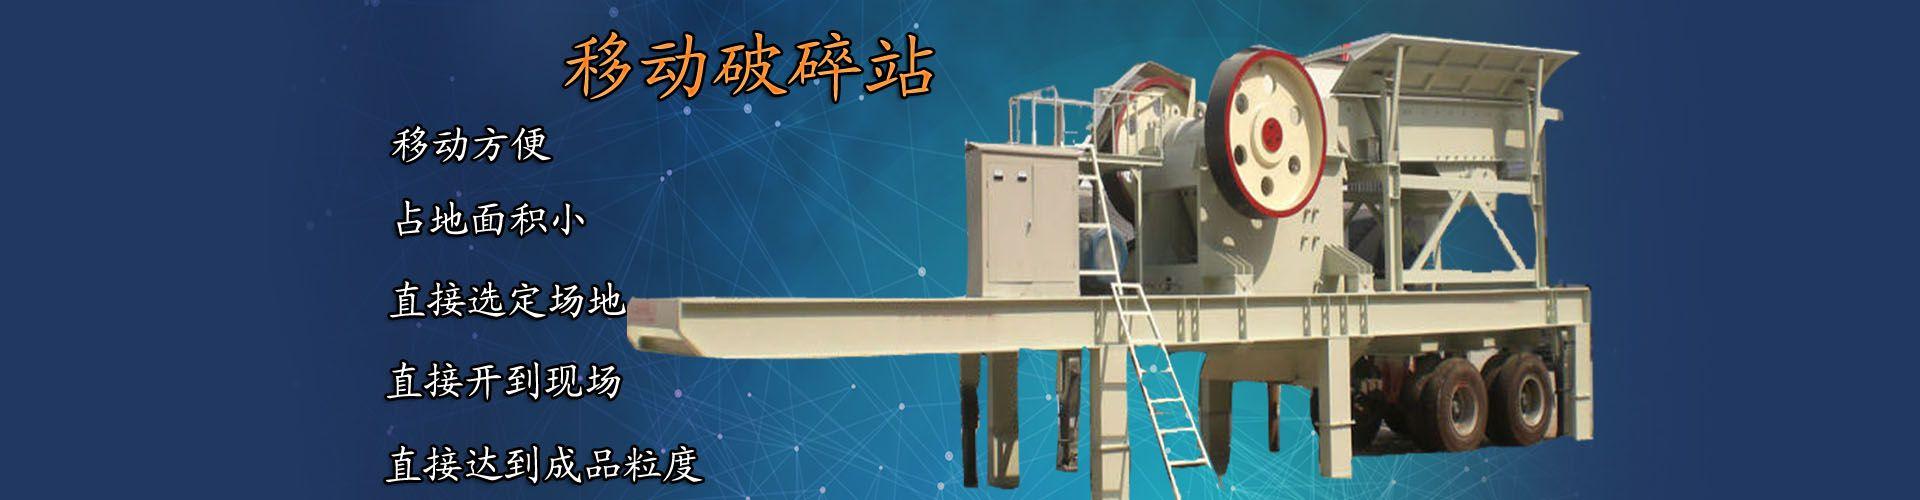 郑州博洋机械设备有限公司